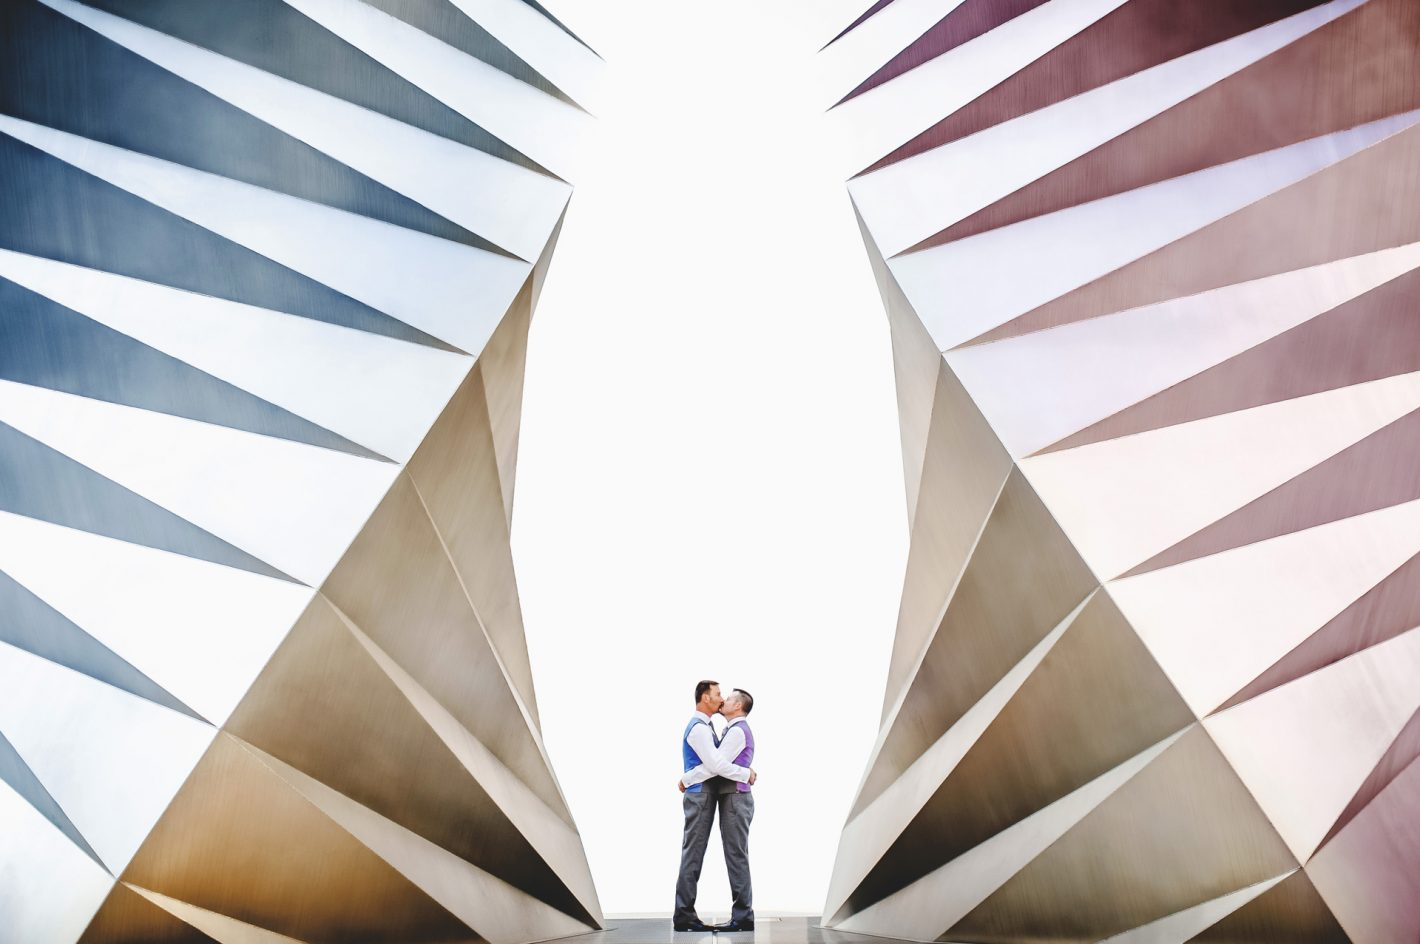 Un couple s'embrasse sur une photo prise avec l'objectif préféré de Ross, un 35 mm f/1.4G. « Je suis un inconditionnel du 35 mm » déclare-t-il. D3S, AF-S NIKKOR 35 mm f/1.4G, ISO 800, 1/250 sec @ f/2.8